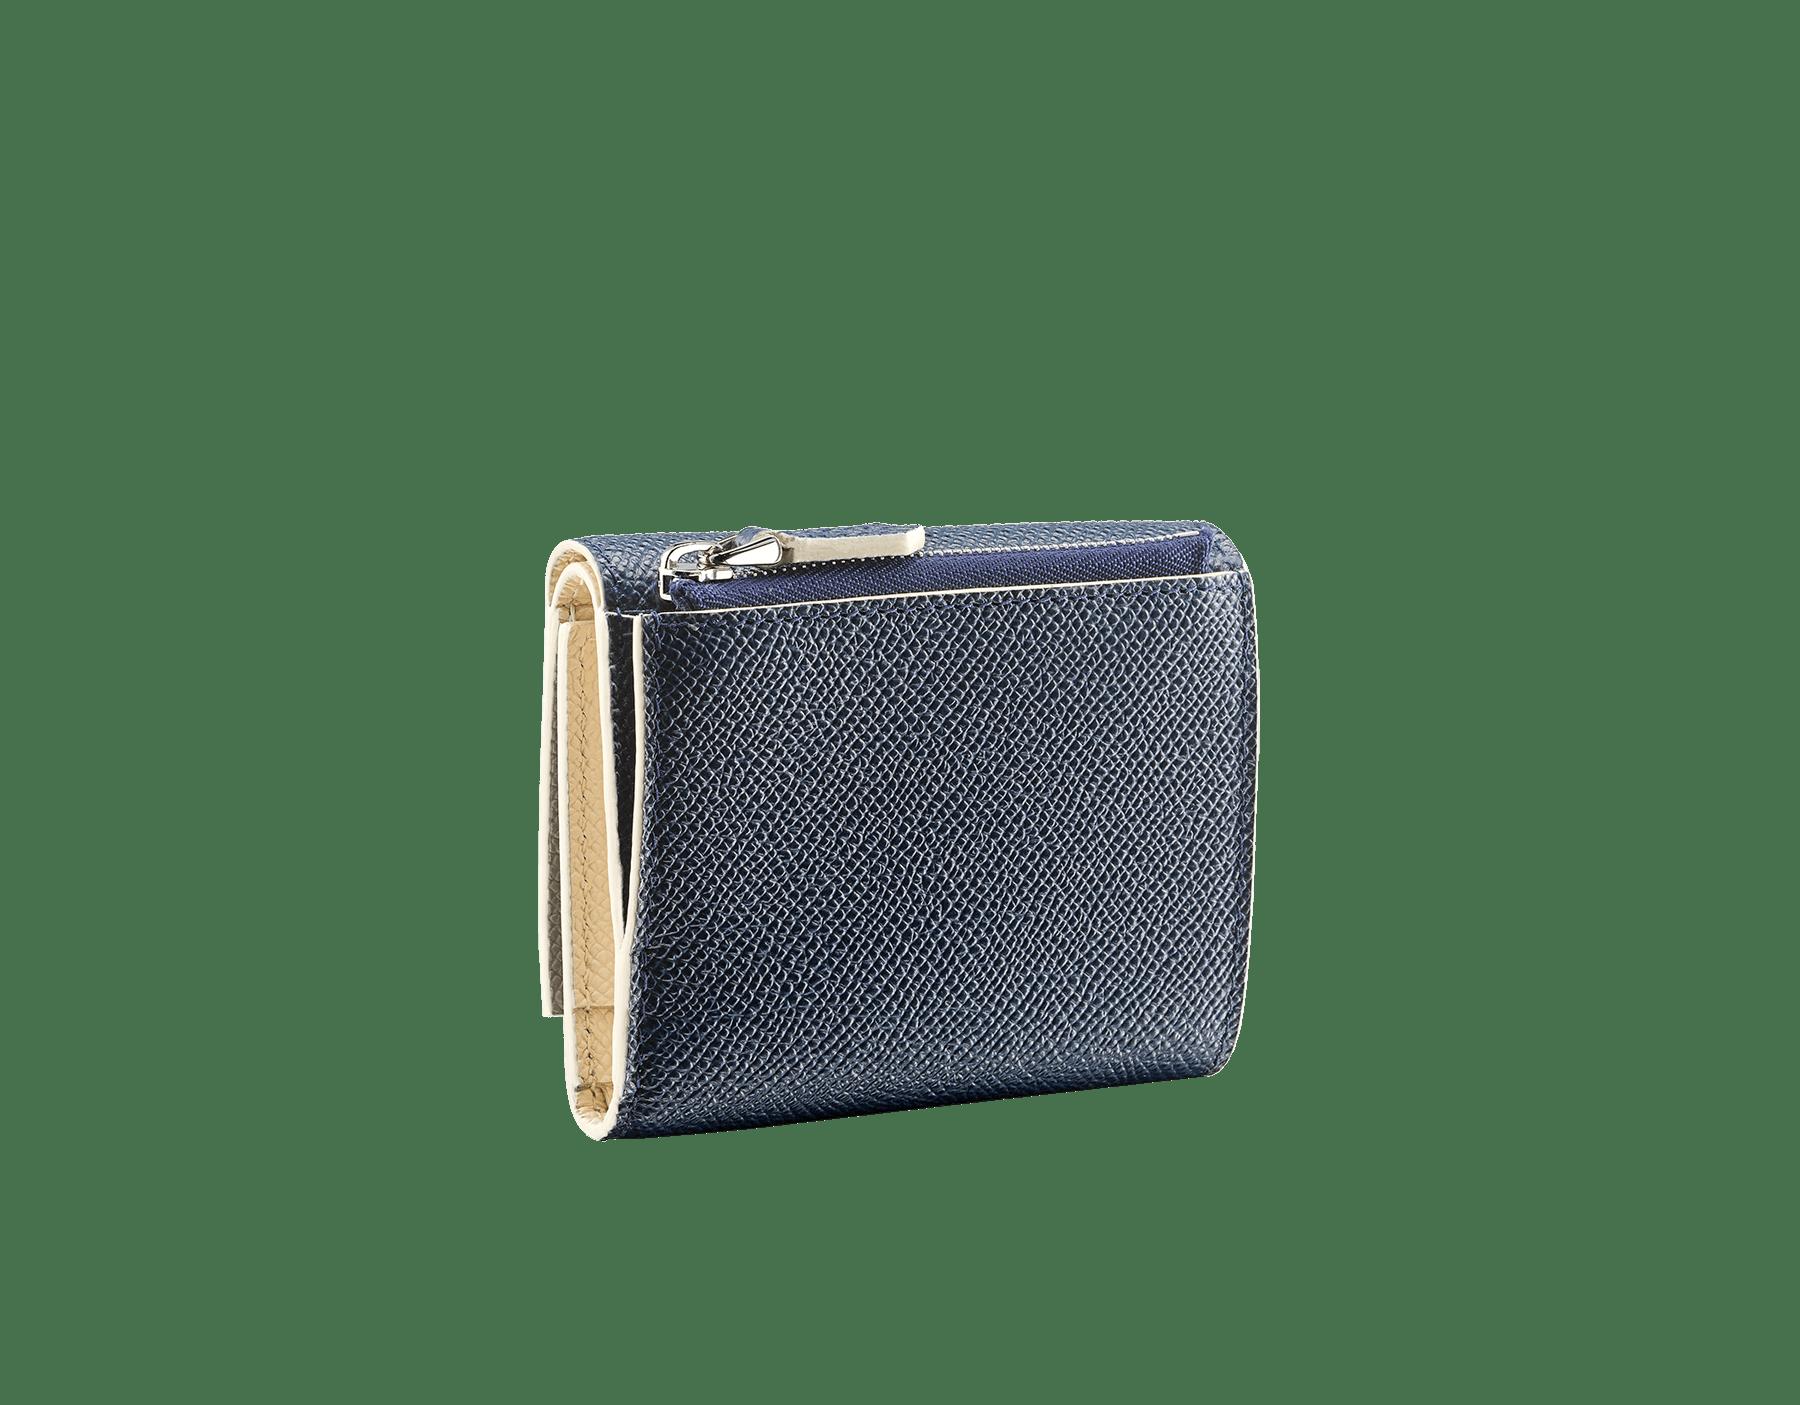 Portefeuille compact et fin «Bvlgari Clip» en cuir de veau grainé couleur blanc Agate et couleur bleu Denim Sapphire. Fermoir emblématique orné du logo Bvlgari en laiton BCM-SLIMCOMPACTb image 3